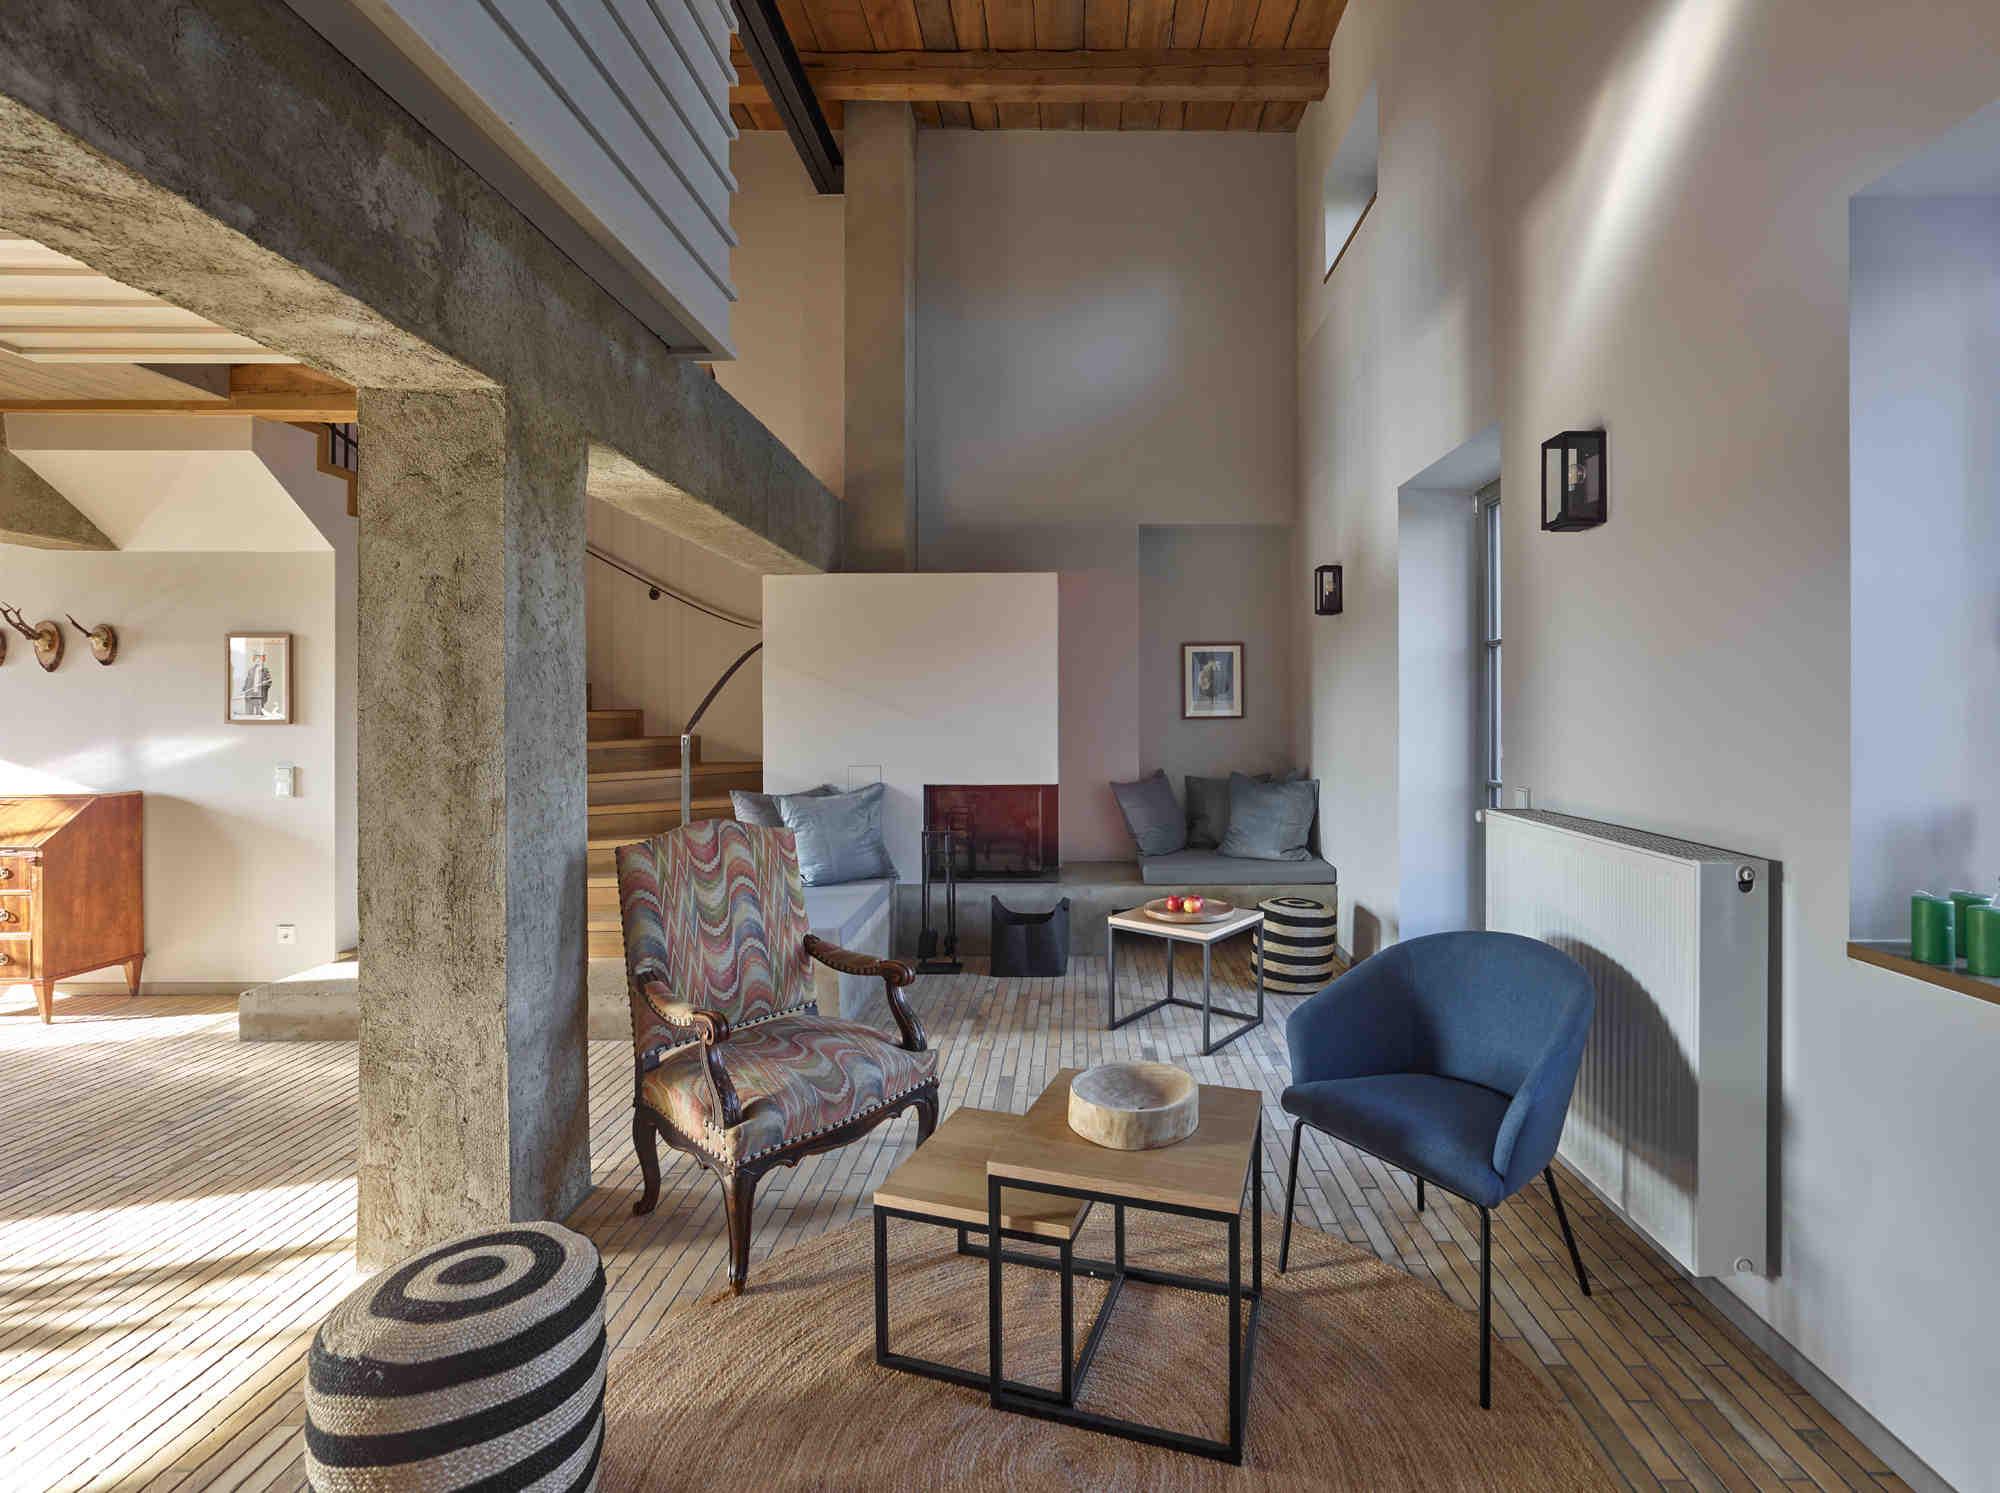 uckermark-Gutshof-fredenwalde-ferienwohnung-luthereiche-wohnzimmer